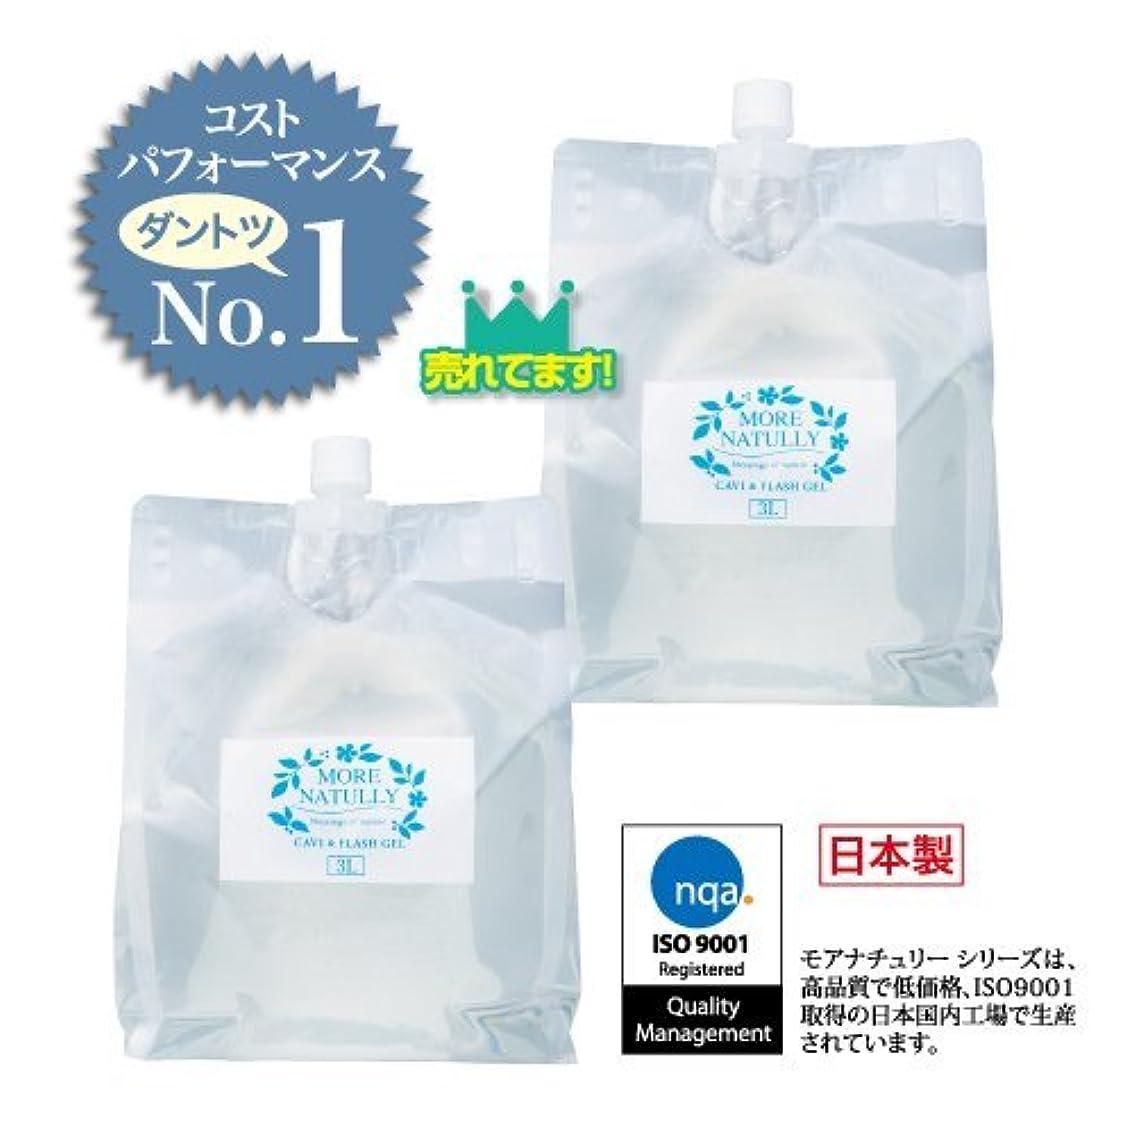 蓋肺炎の間にモアナチュリー キャビ&フラッシュジェル 【ソフト】3kg×2袋